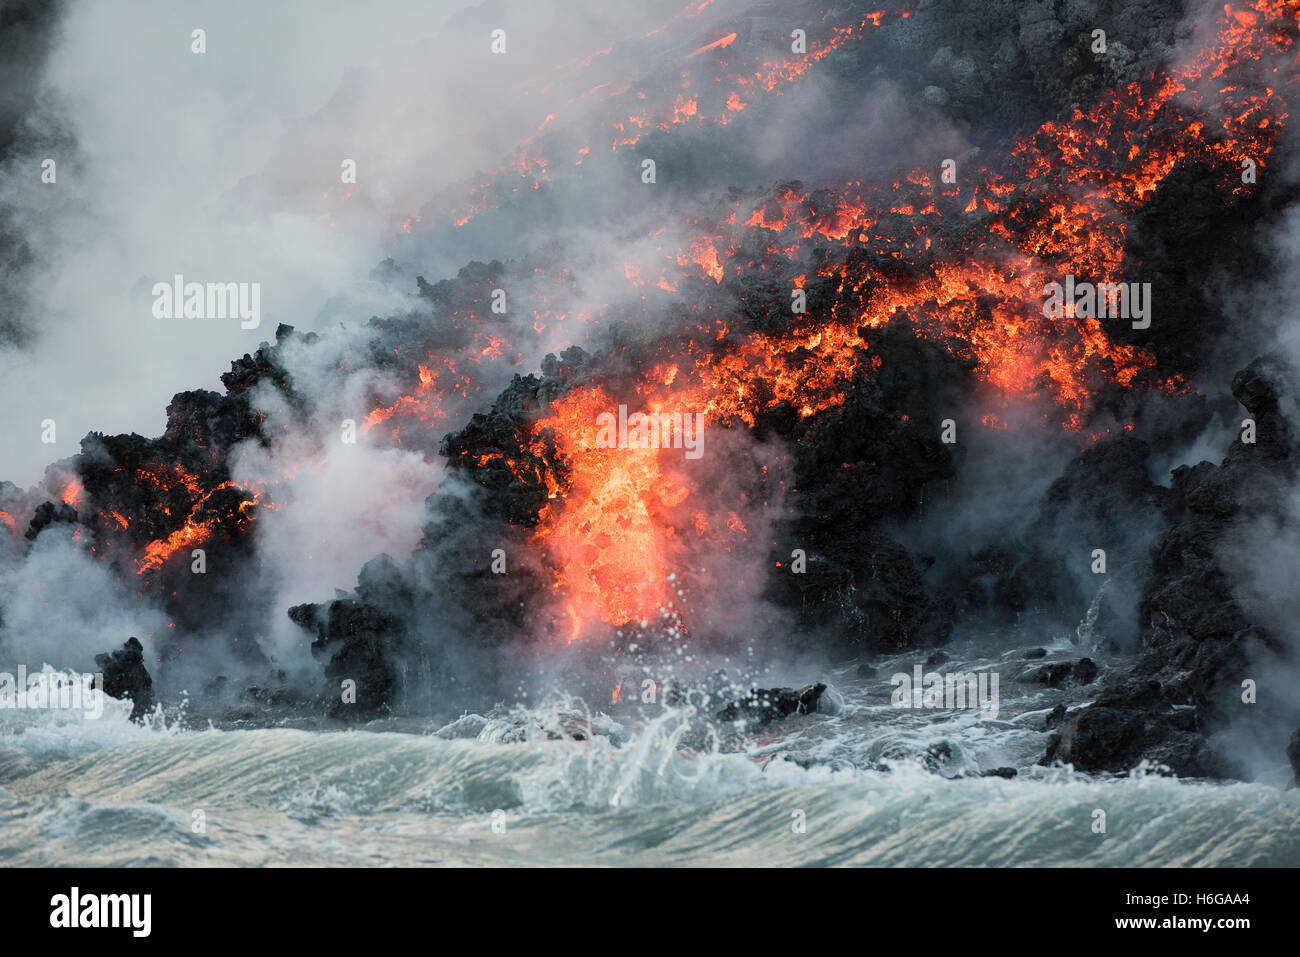 Caliente'a lava del volcán Kilauea, alcanza el océano en Kamokuna, Kalapana, Parque Nacional de Los Imagen De Stock